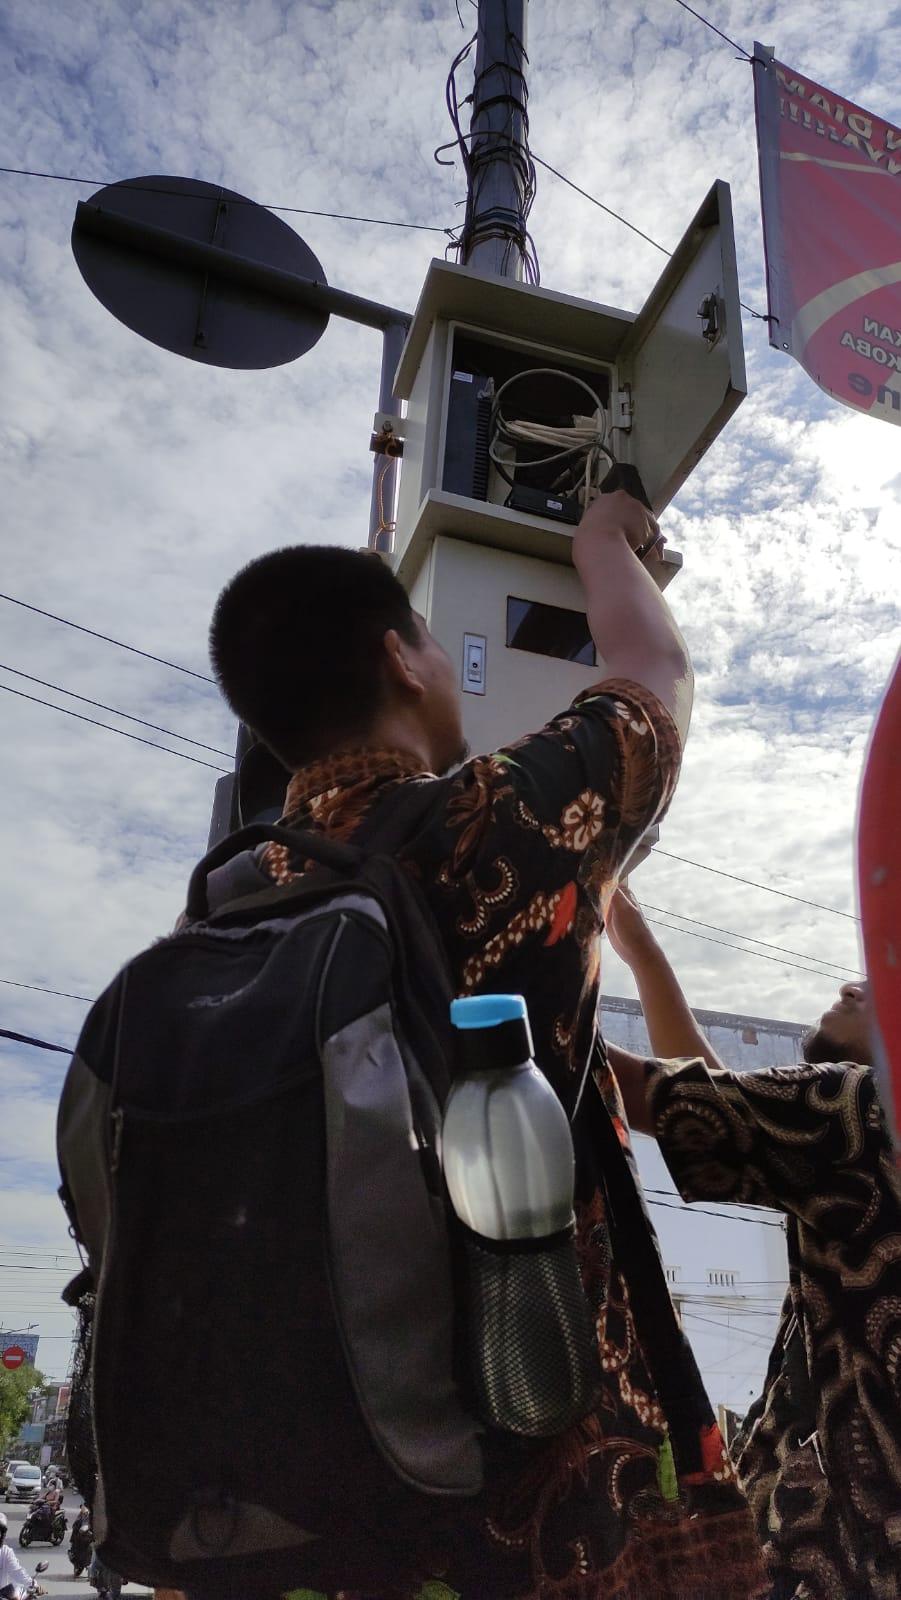 PERBAIKAN CCTV TITIK LOKASI POS POLISI JALAN IMAM BONJOL KECAMATAN KISARAN TIMUR